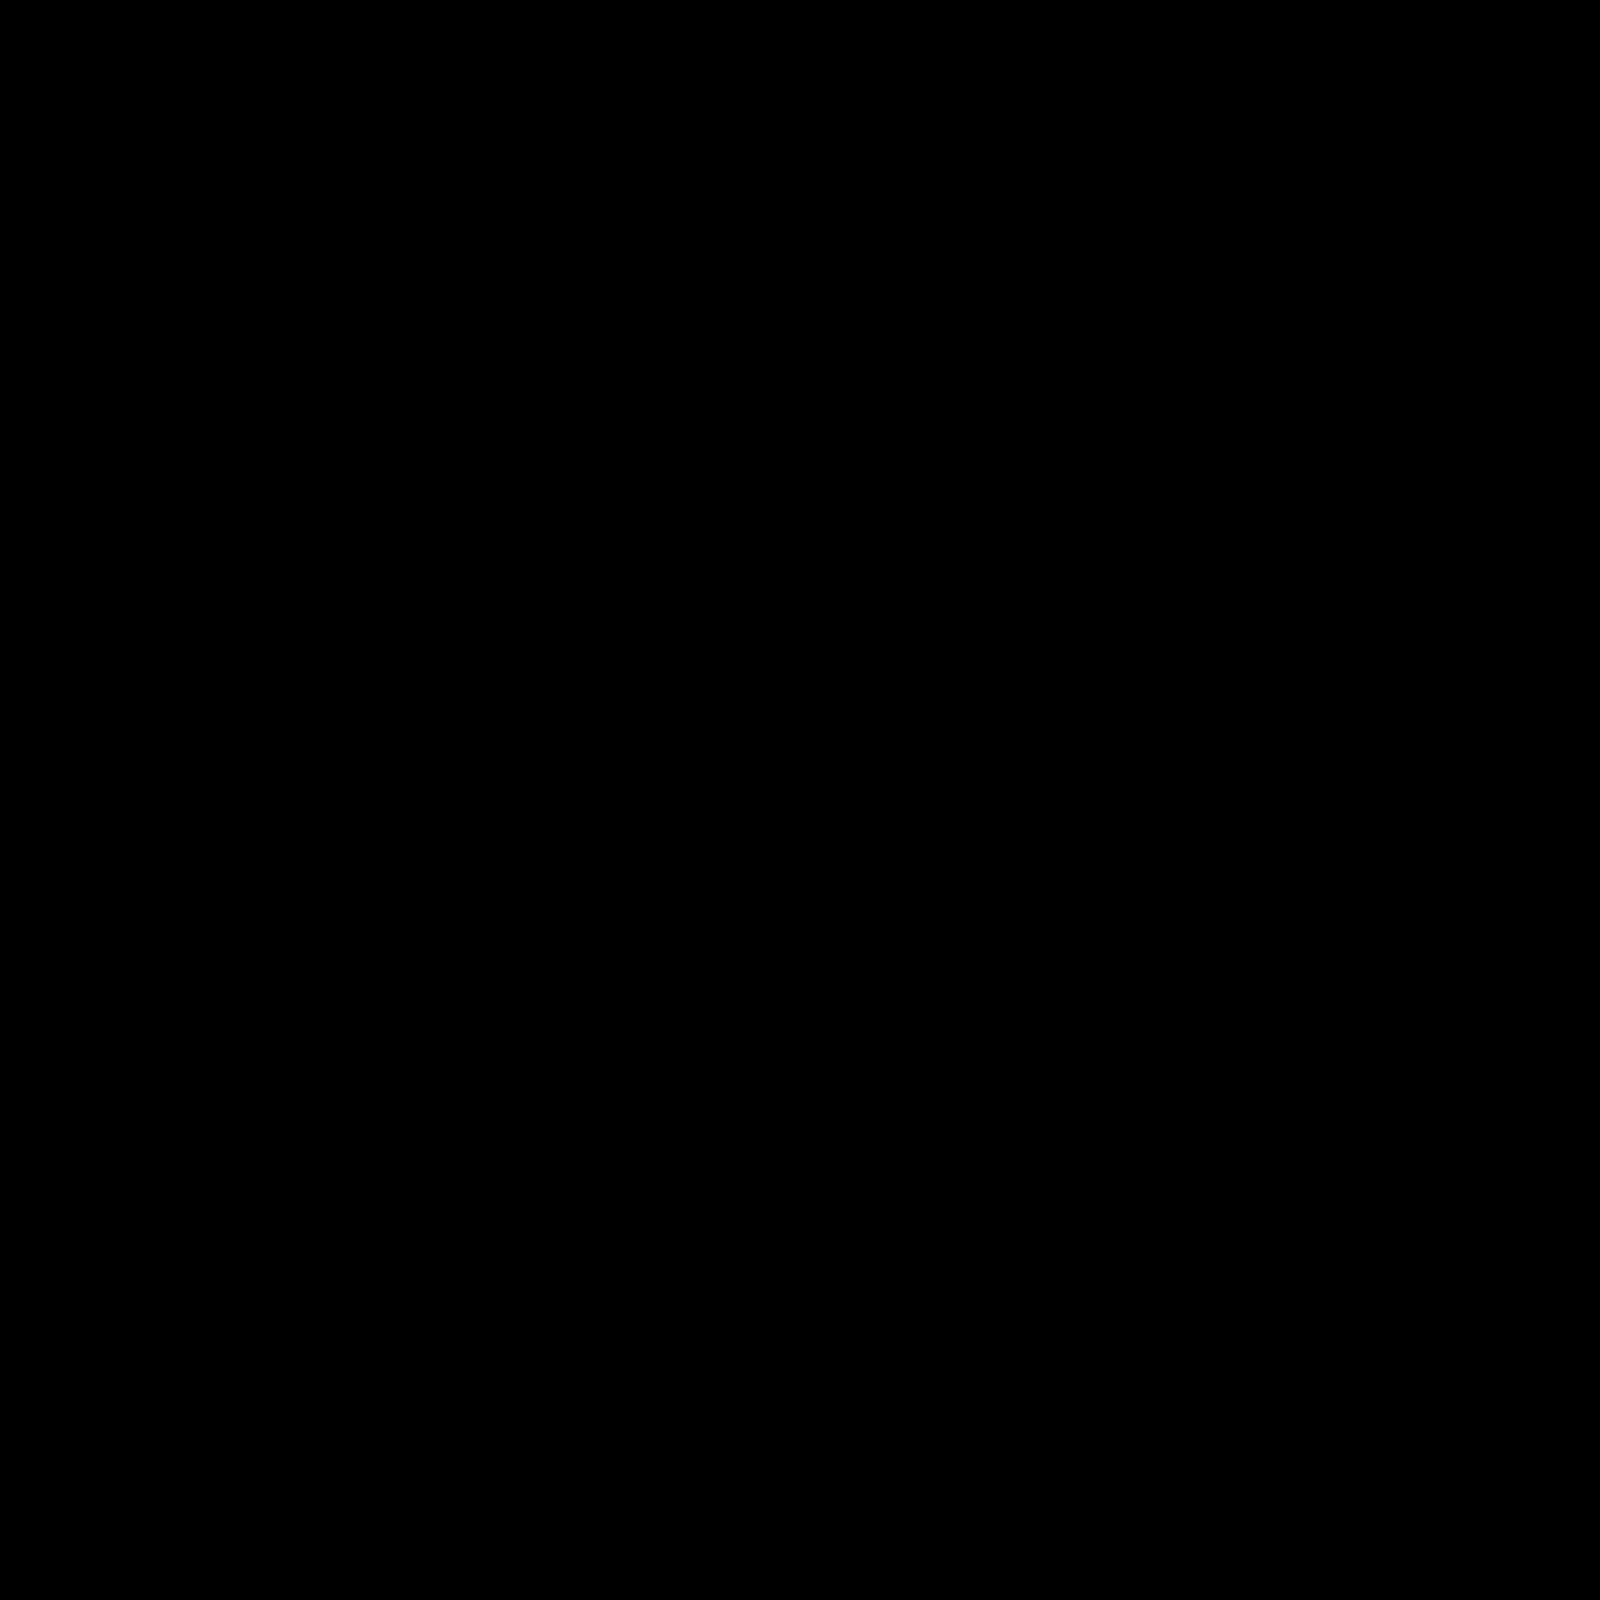 1600x1600 15 Change Vector For Free Download On Mbtskoudsalg